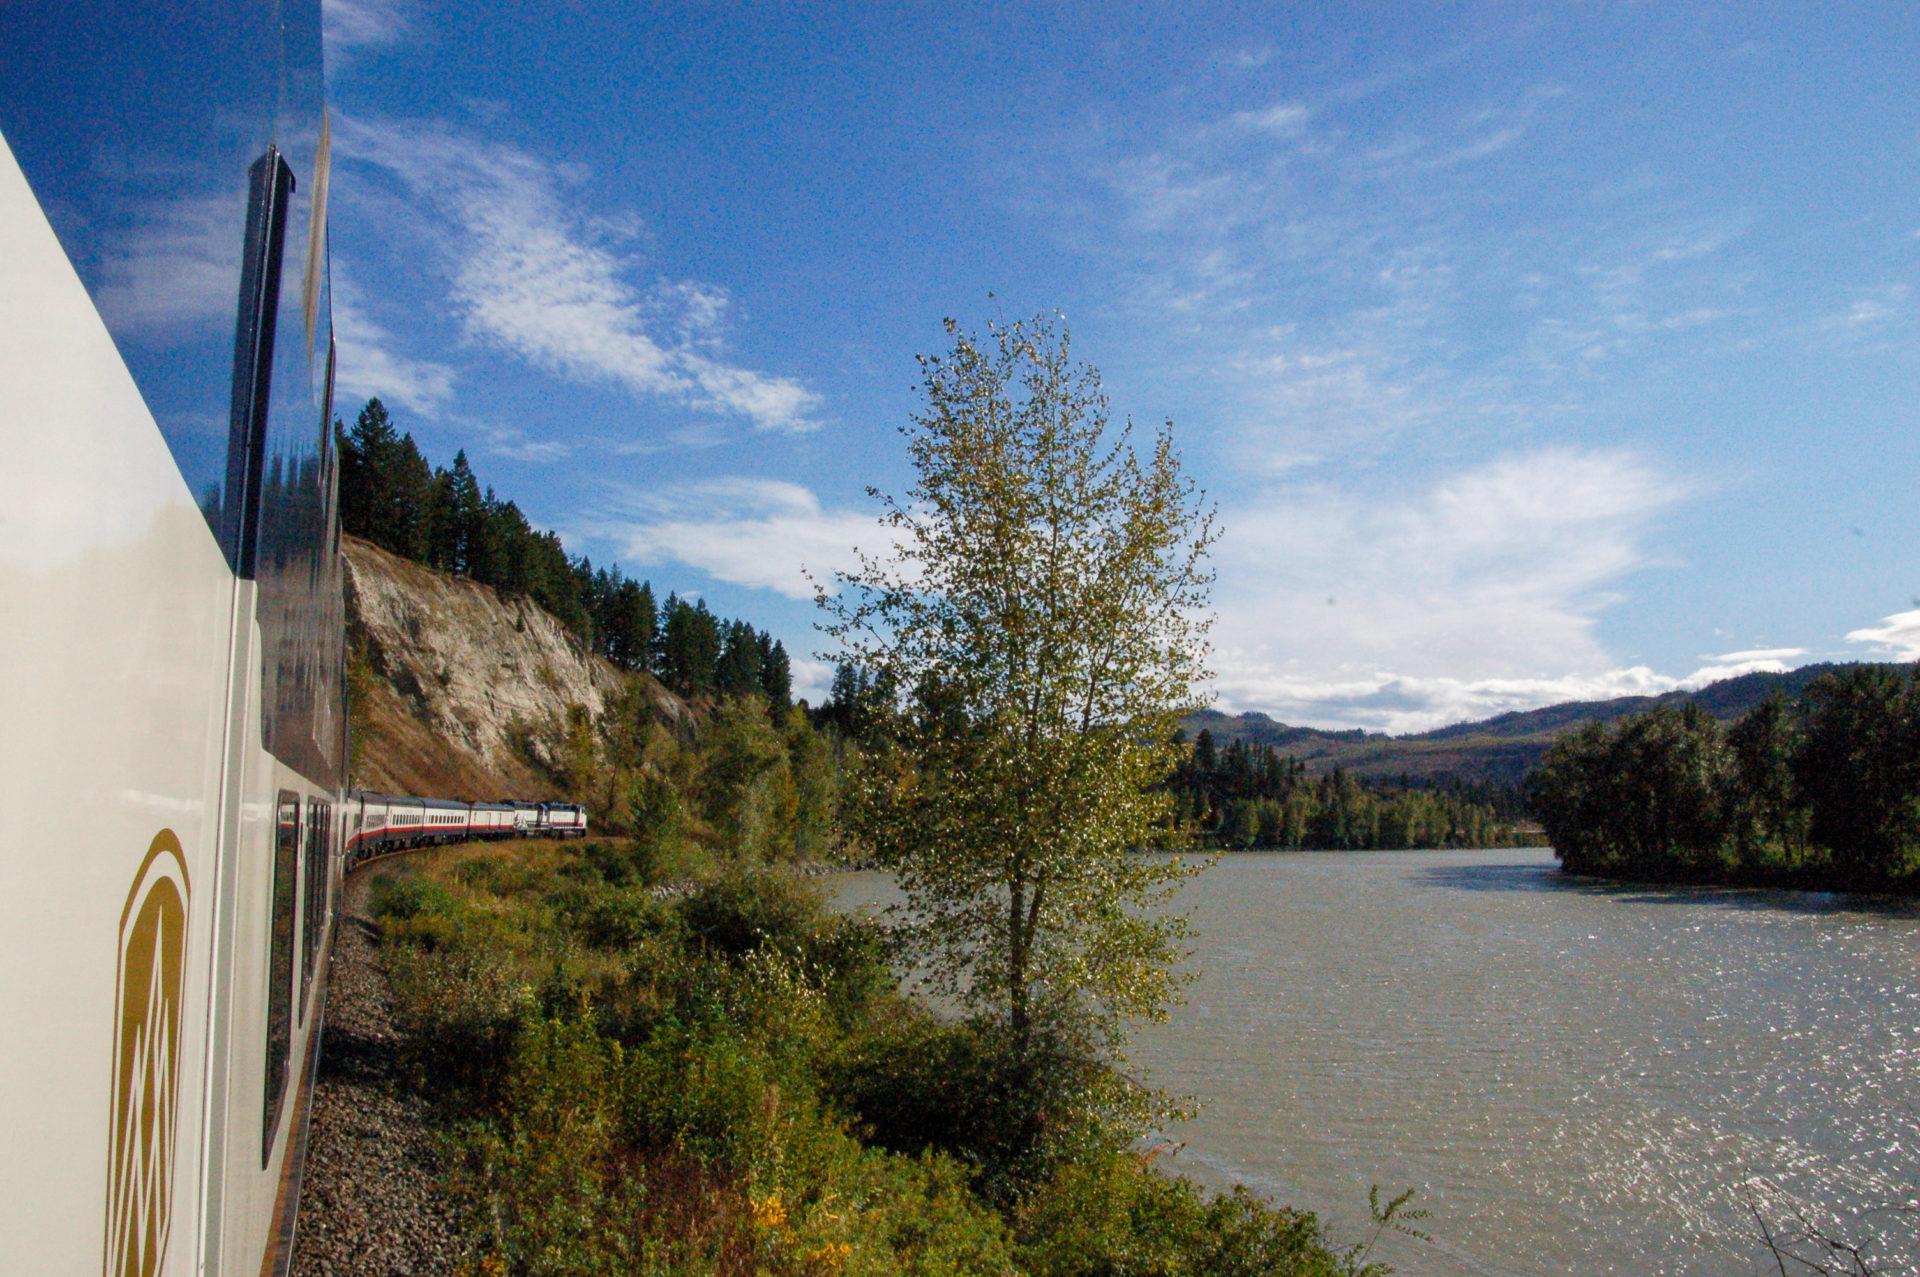 Der Zug durch die die kanadische Landschaft auf dem Weg nach Kamloops